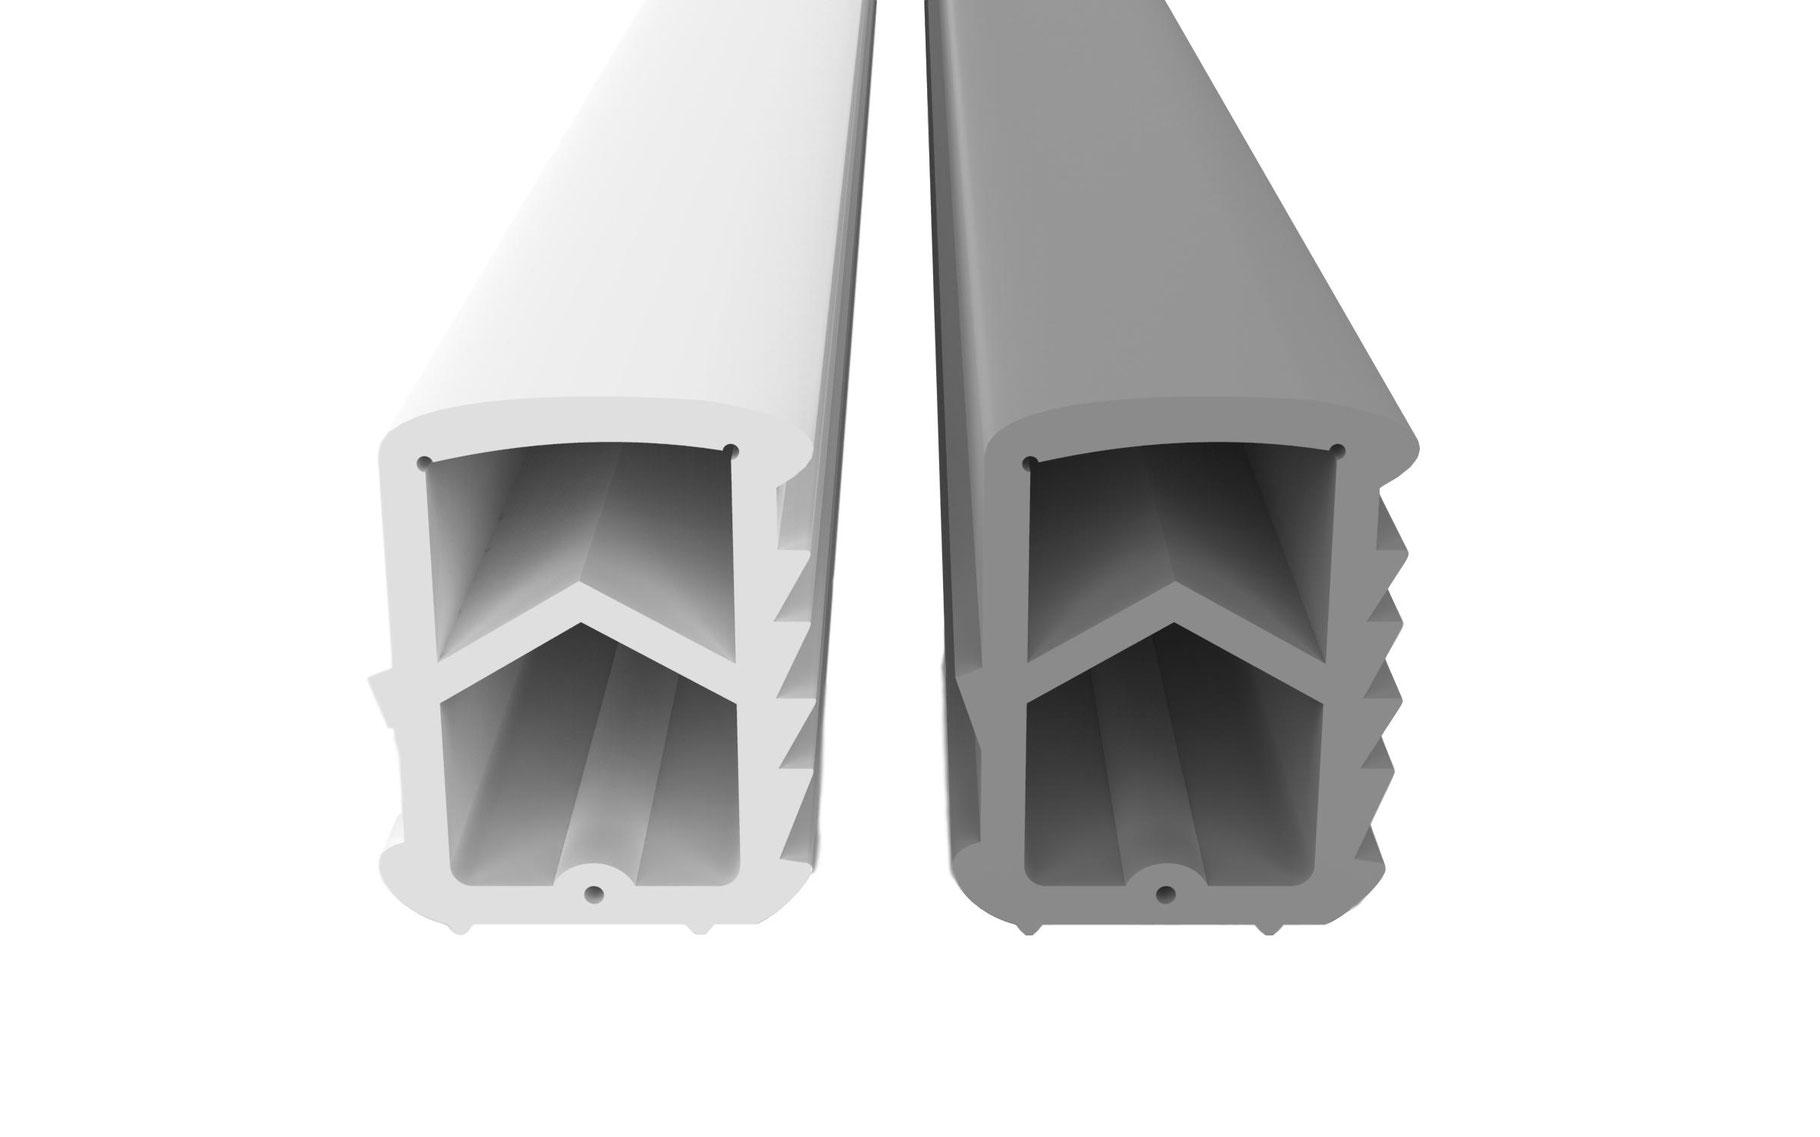 T/ürdichtung Dichtung Stahlzargendichtung gegen Zugluft spart Heizkosten Dichtungsh/öhe 16mm Dichtungsbreite 14mm Falz Grau 5m Stahlt/ür /& Brandschutzdichtung Dichtband L/ärm /& Staub